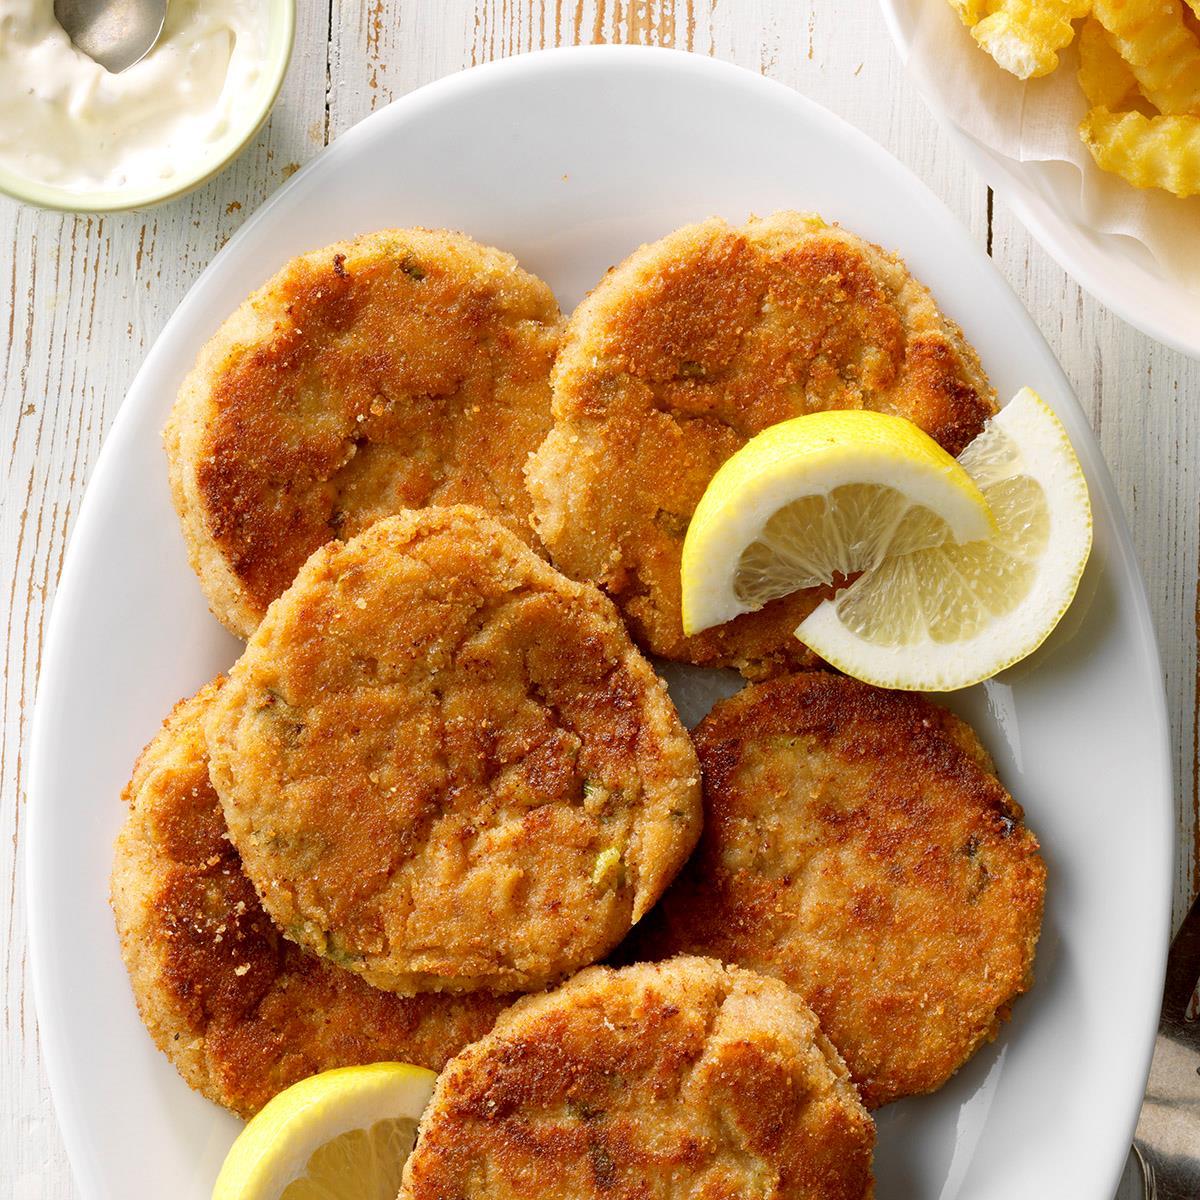 Receta reconfortante de empanadas de atún | Sabor de casa